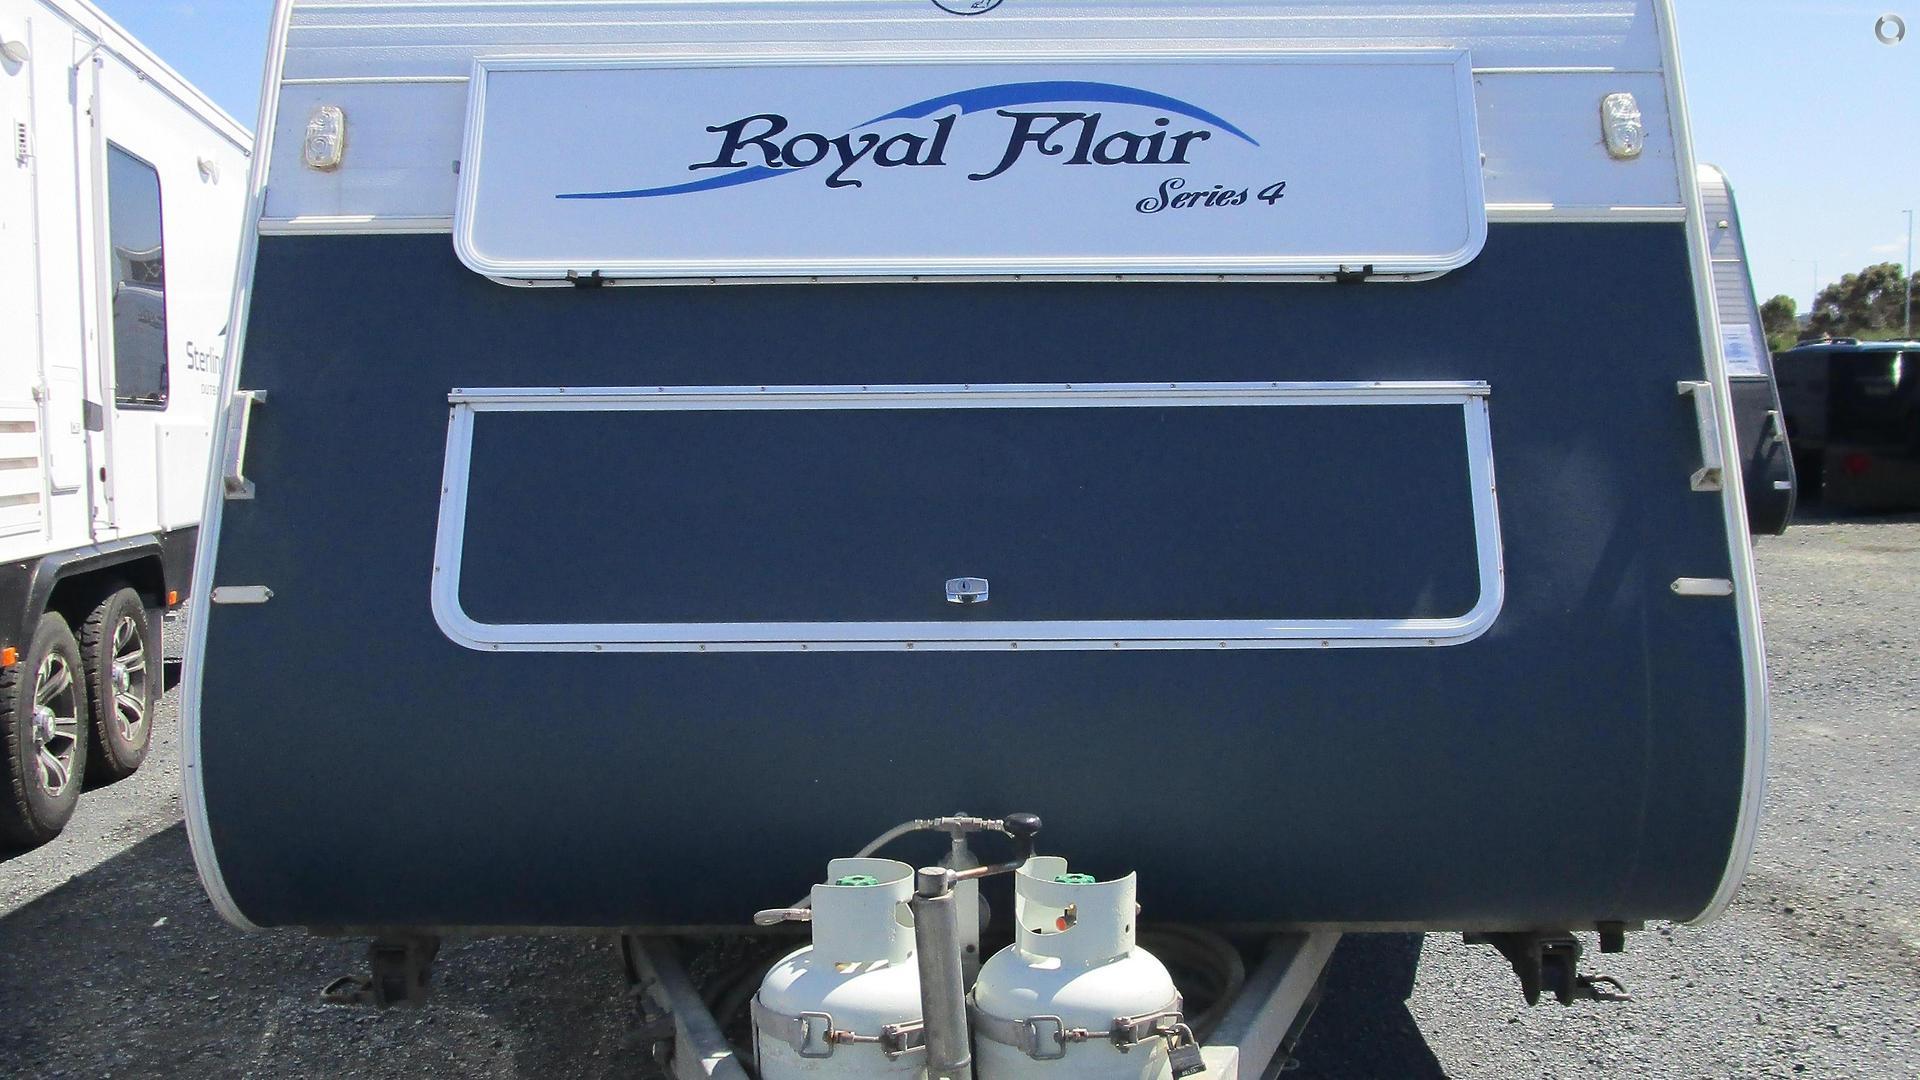 2005 Royal Flair Van Royce